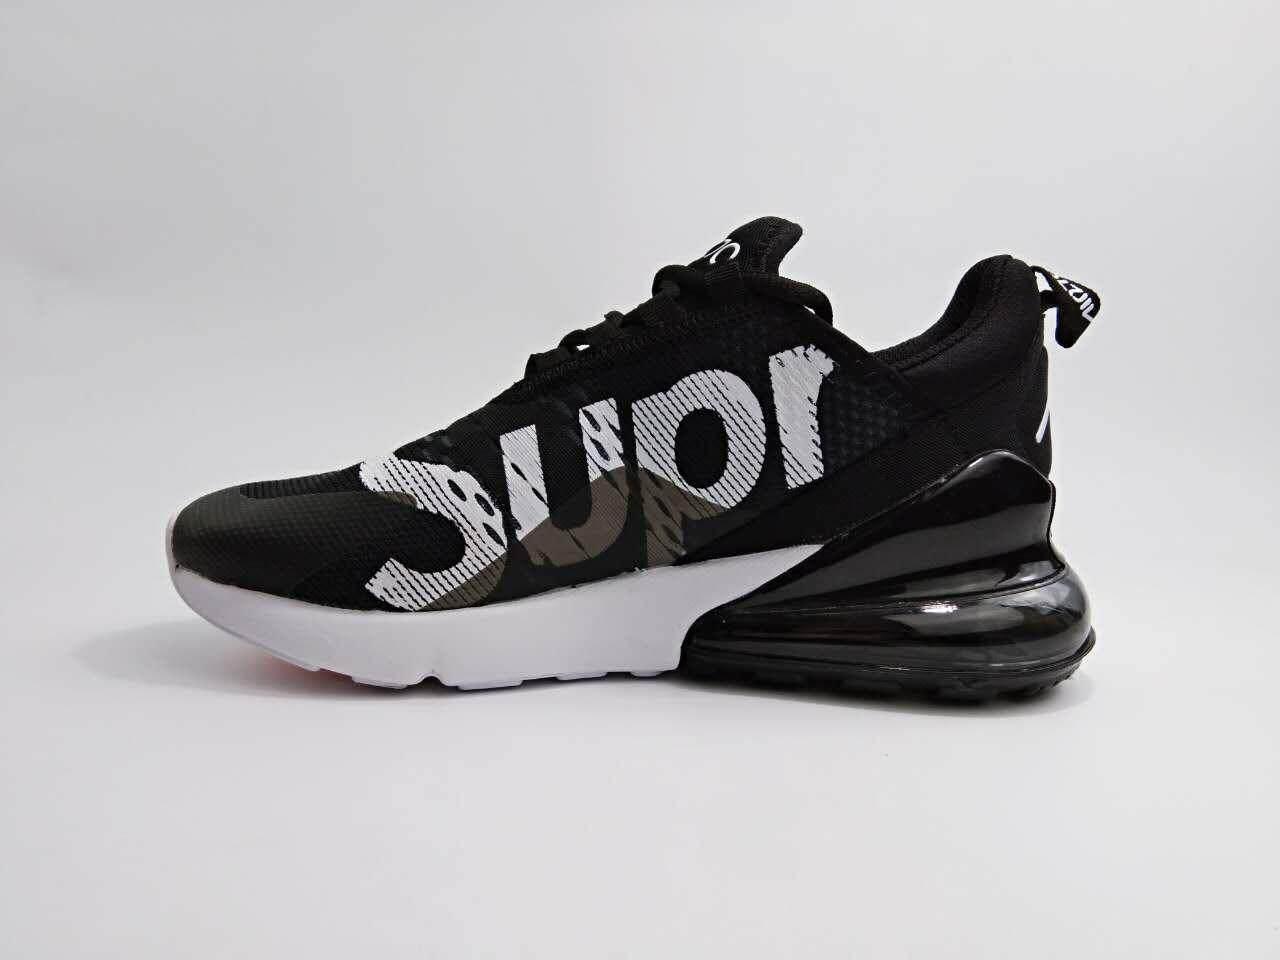 d9bc42d188 Men's Sports Shoes - Running Shoes - Buy Men's Sports Shoes ...